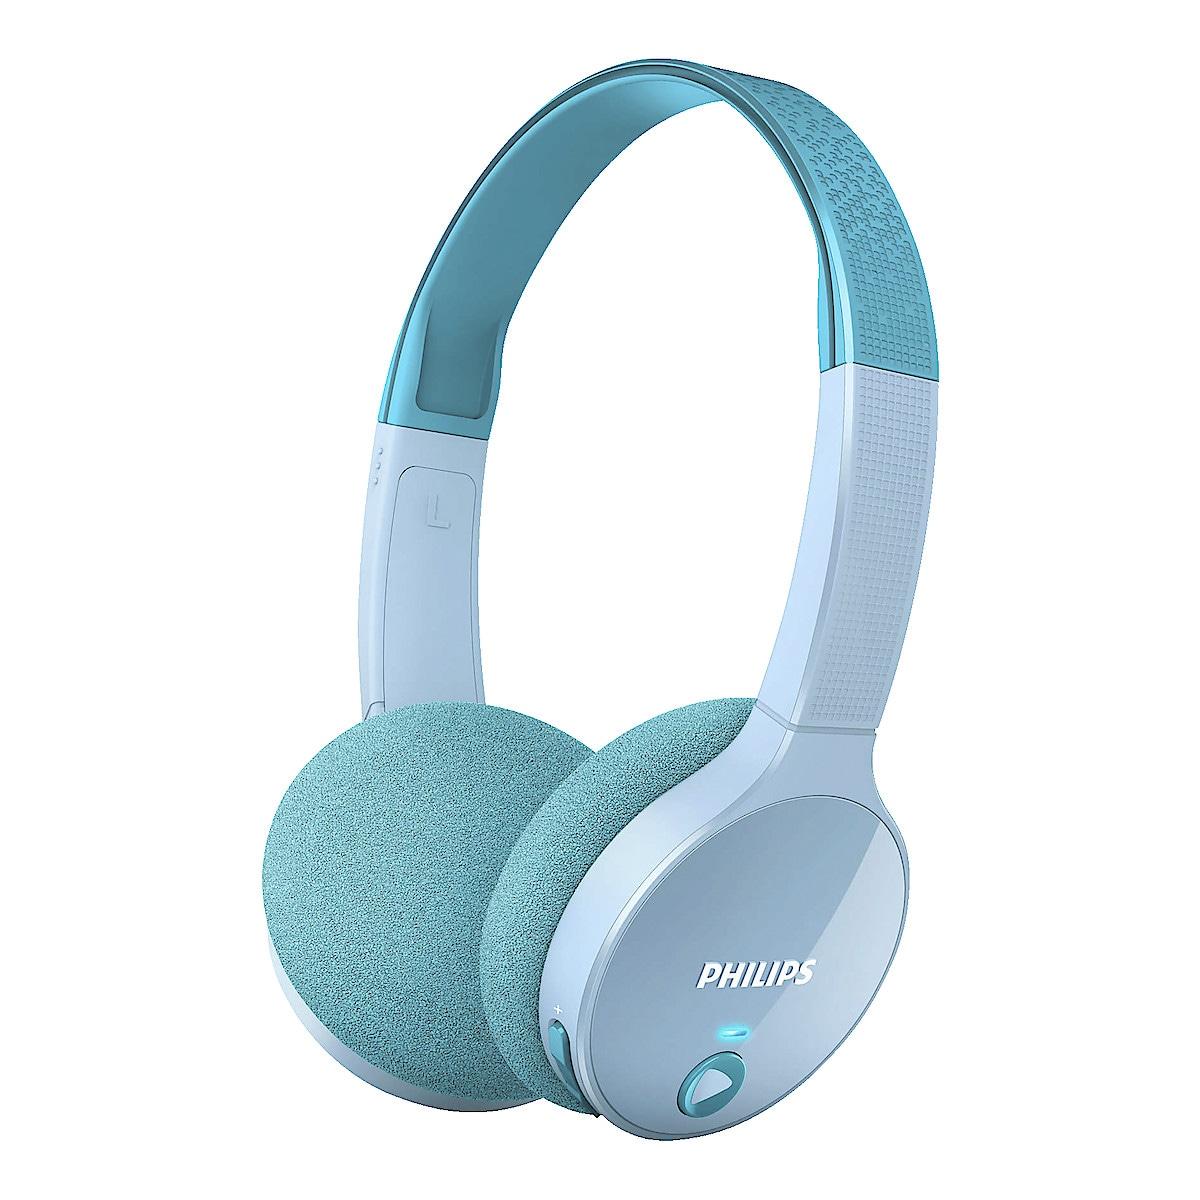 Philips SHK4000TL trådløse hodetelefoner til barn